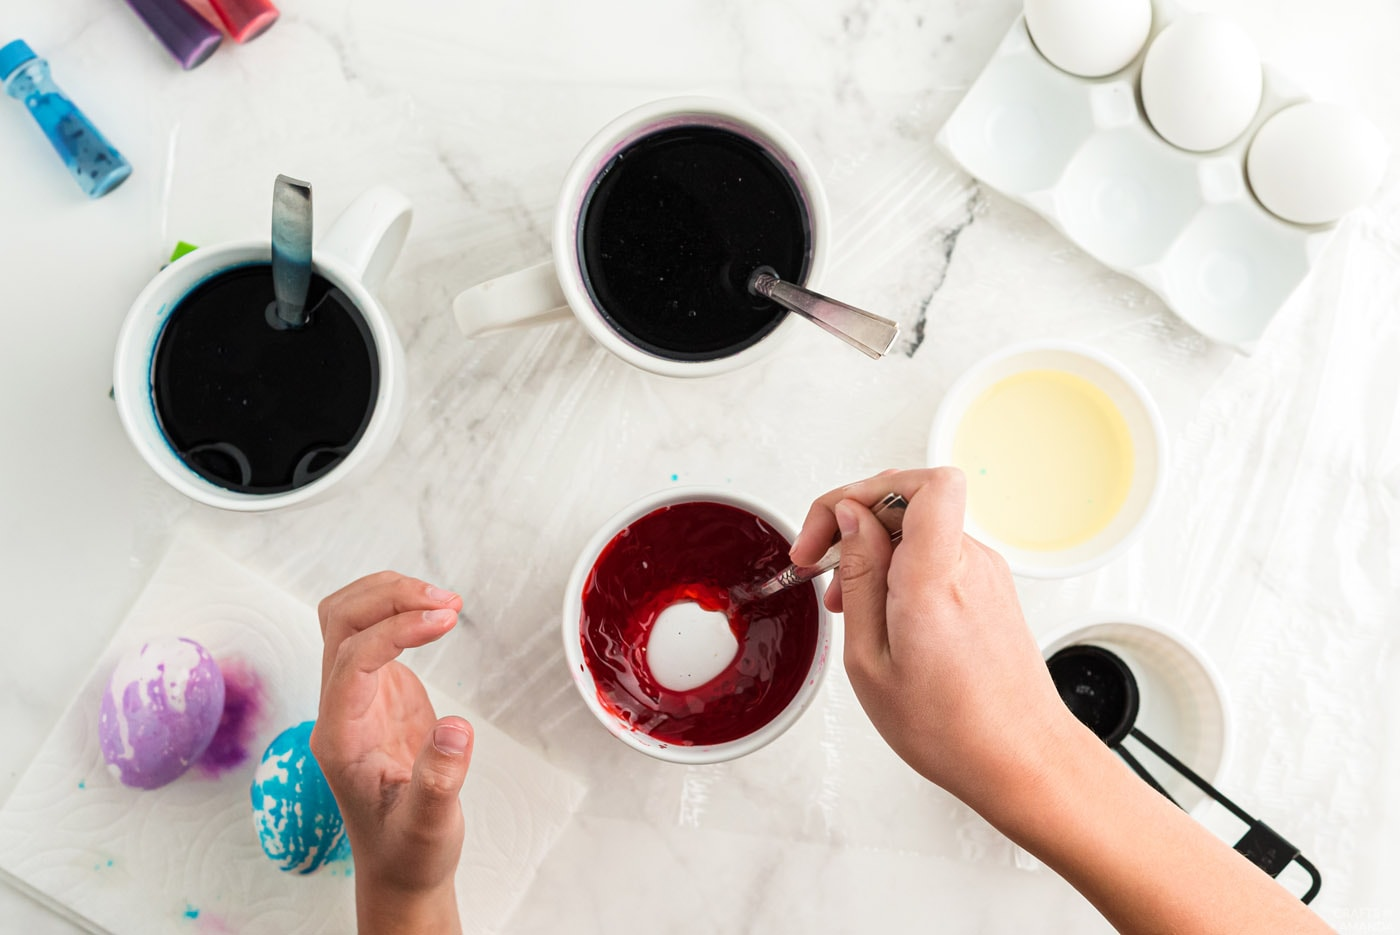 Placer l'œuf sur une cuillère dans l'eau et le mélange de colorant alimentaire